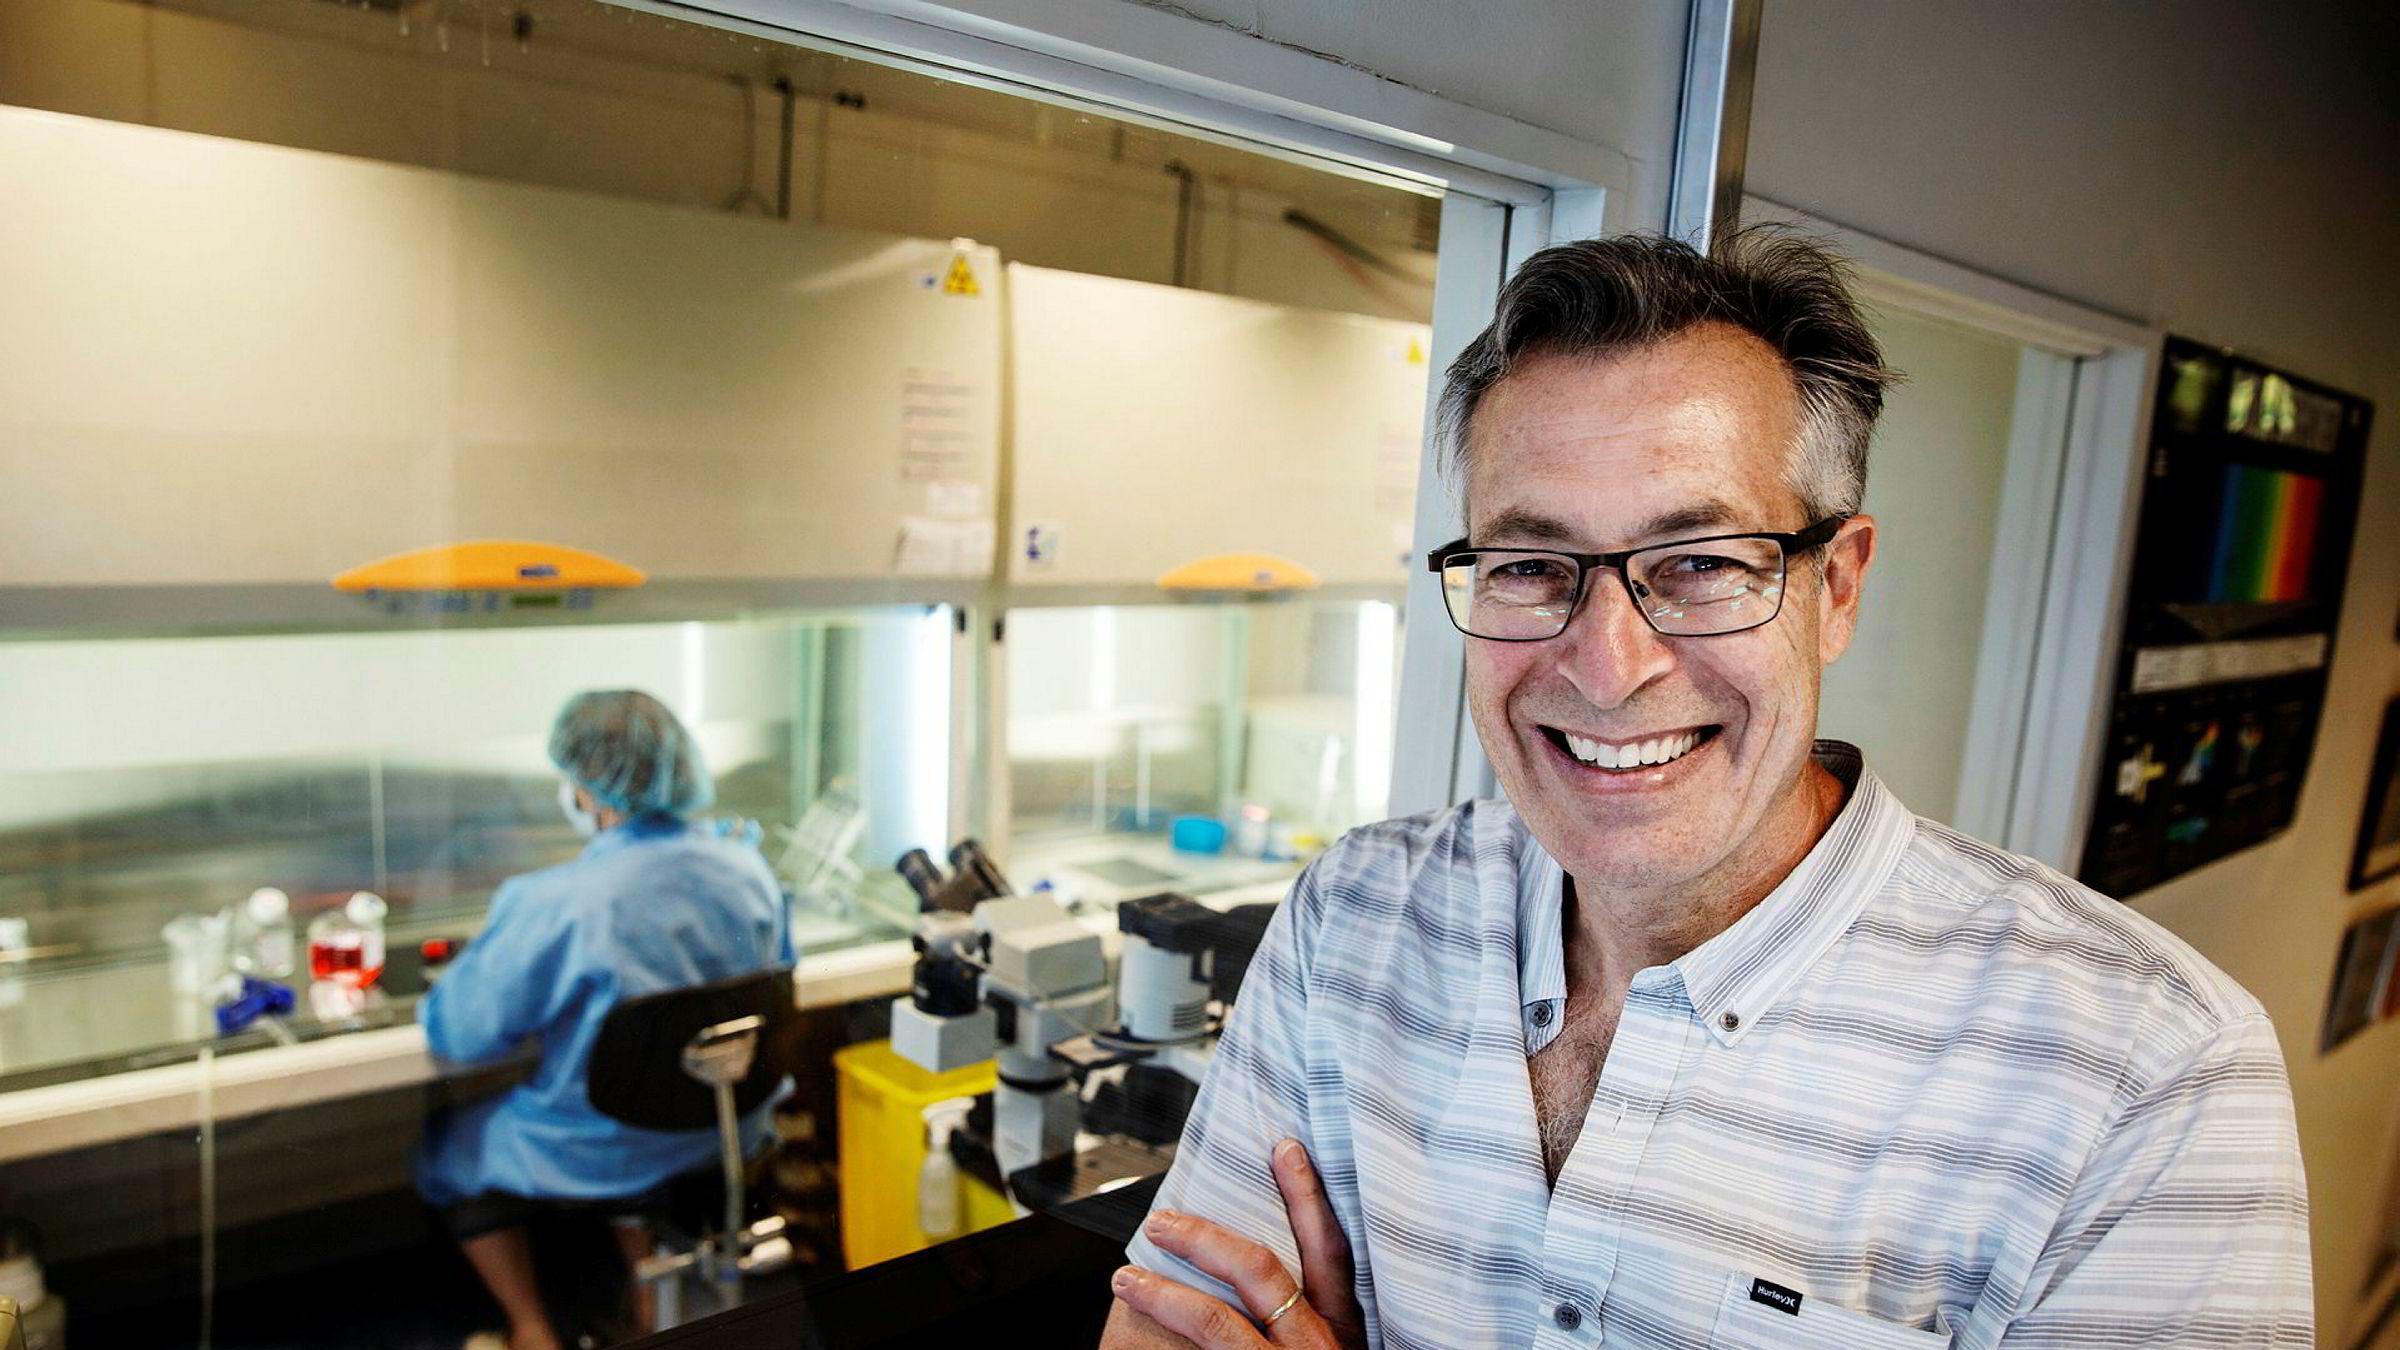 Professor Joel Glover ved Nasjonalt senter for stamcelleforskning forsker på bruk av stamceller i kunstige organer laget ved hjelp av 3D-printing.